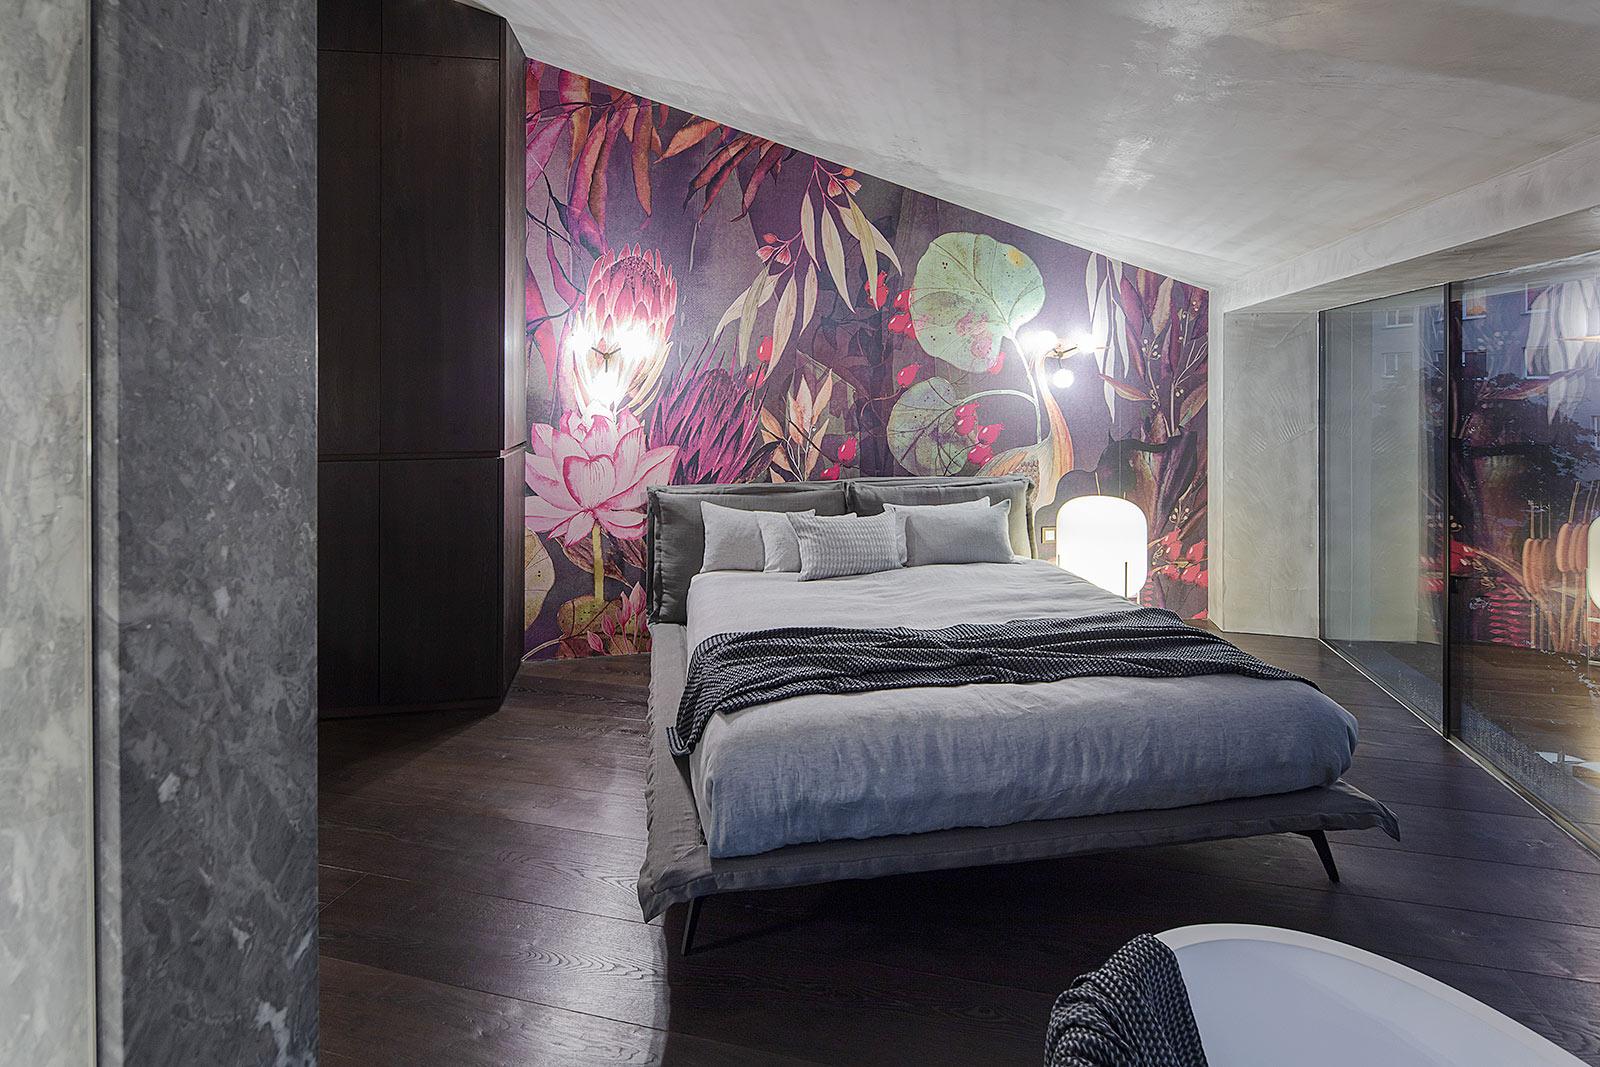 Schlafzimmer Interior Foto,